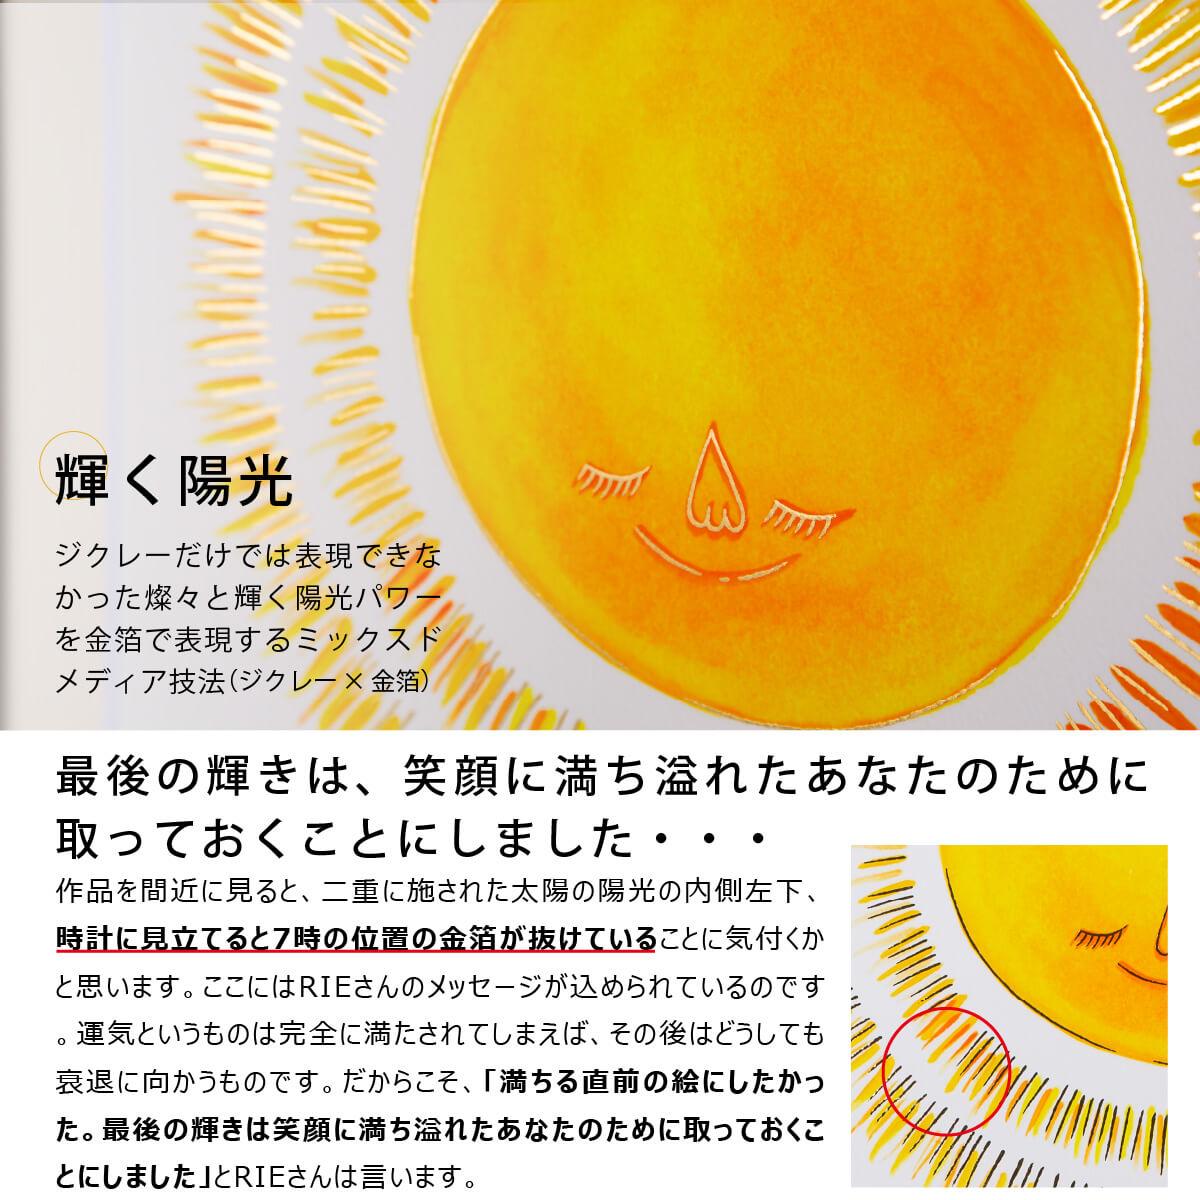 RIEの『きれいになる絵』